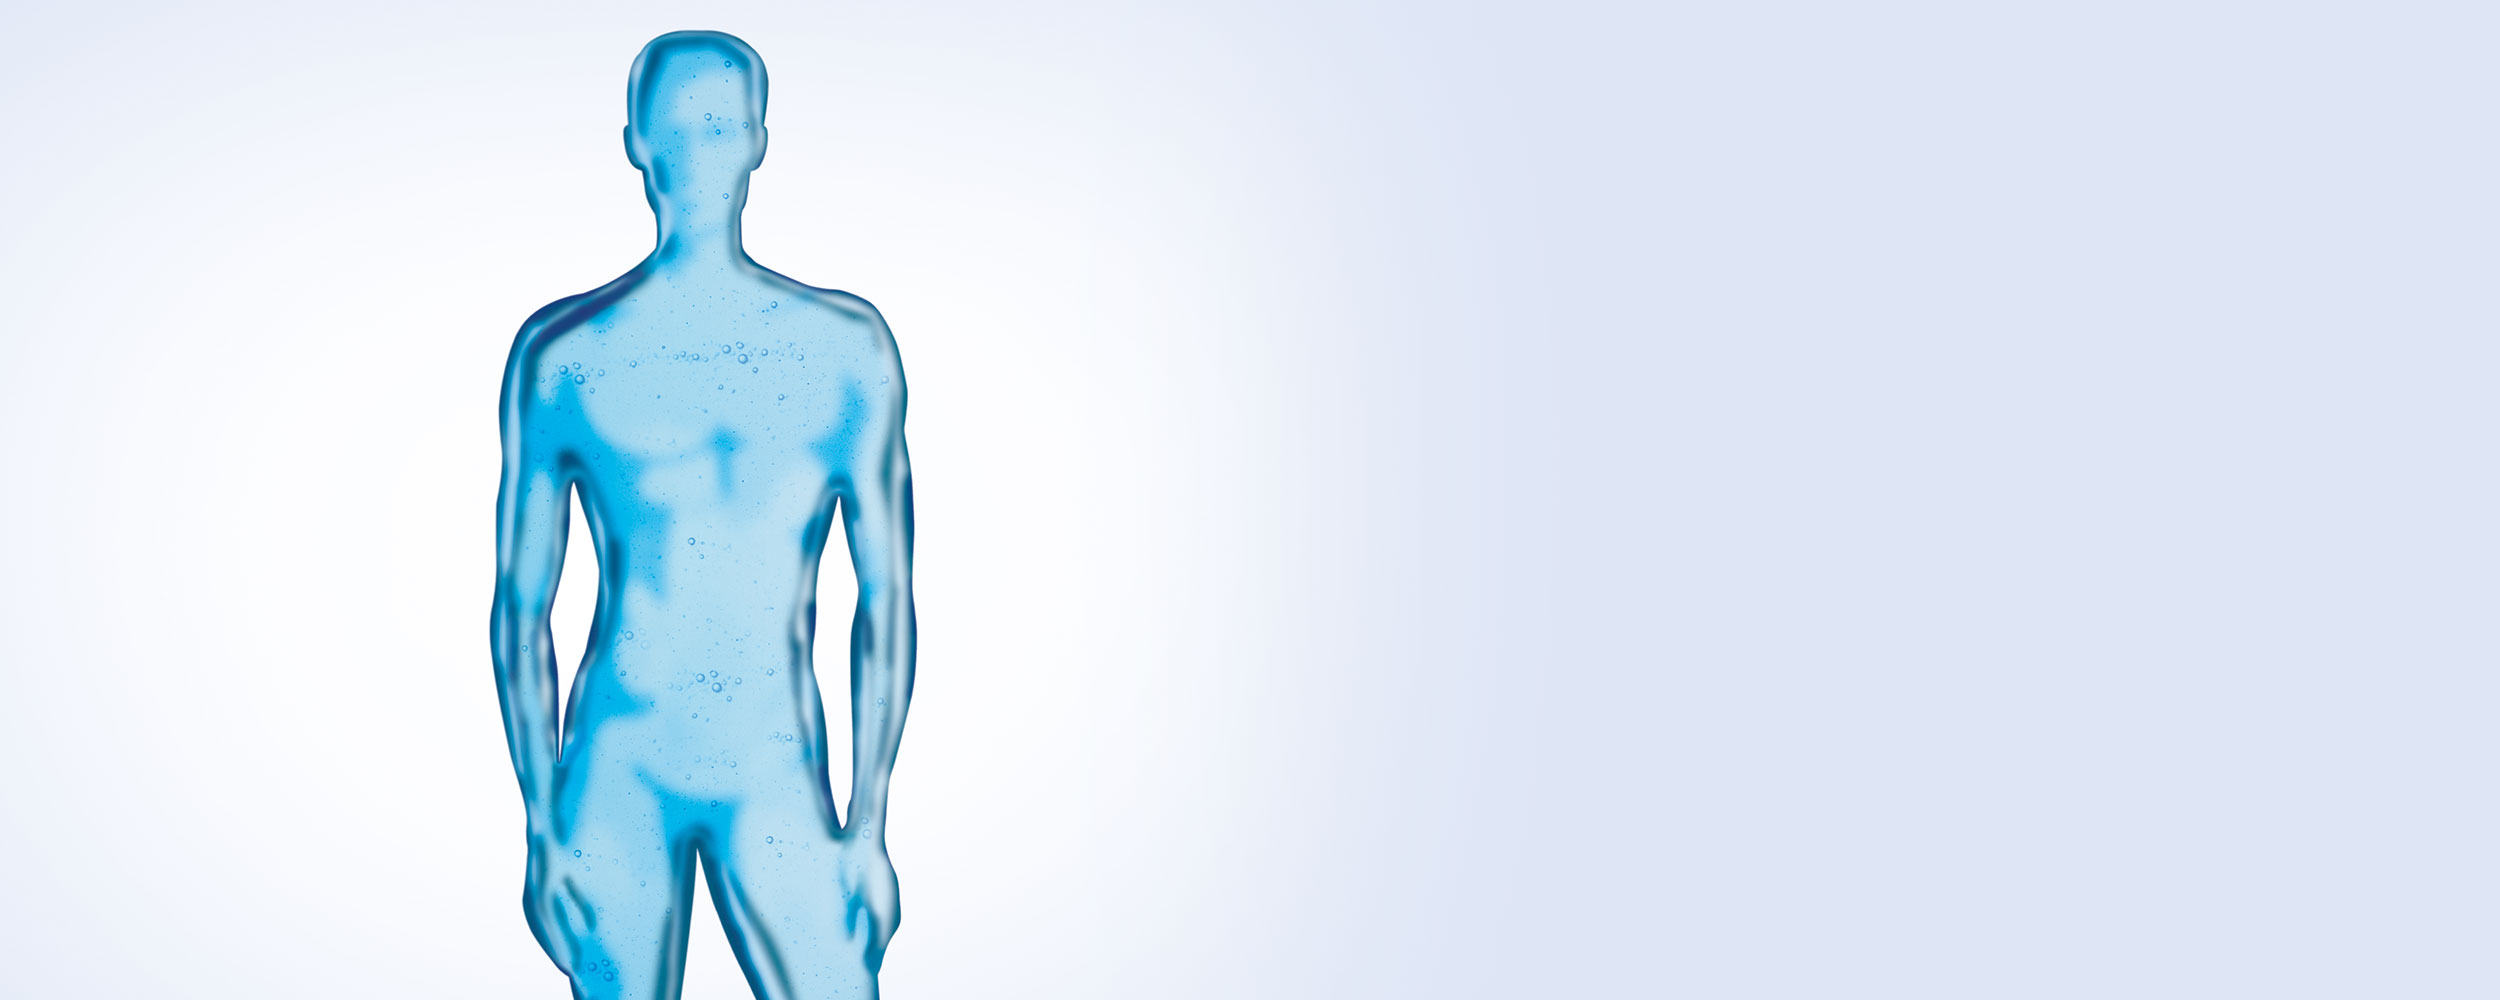 endokrinológiai hipertónia diéta a magas vérnyomásért minden nap